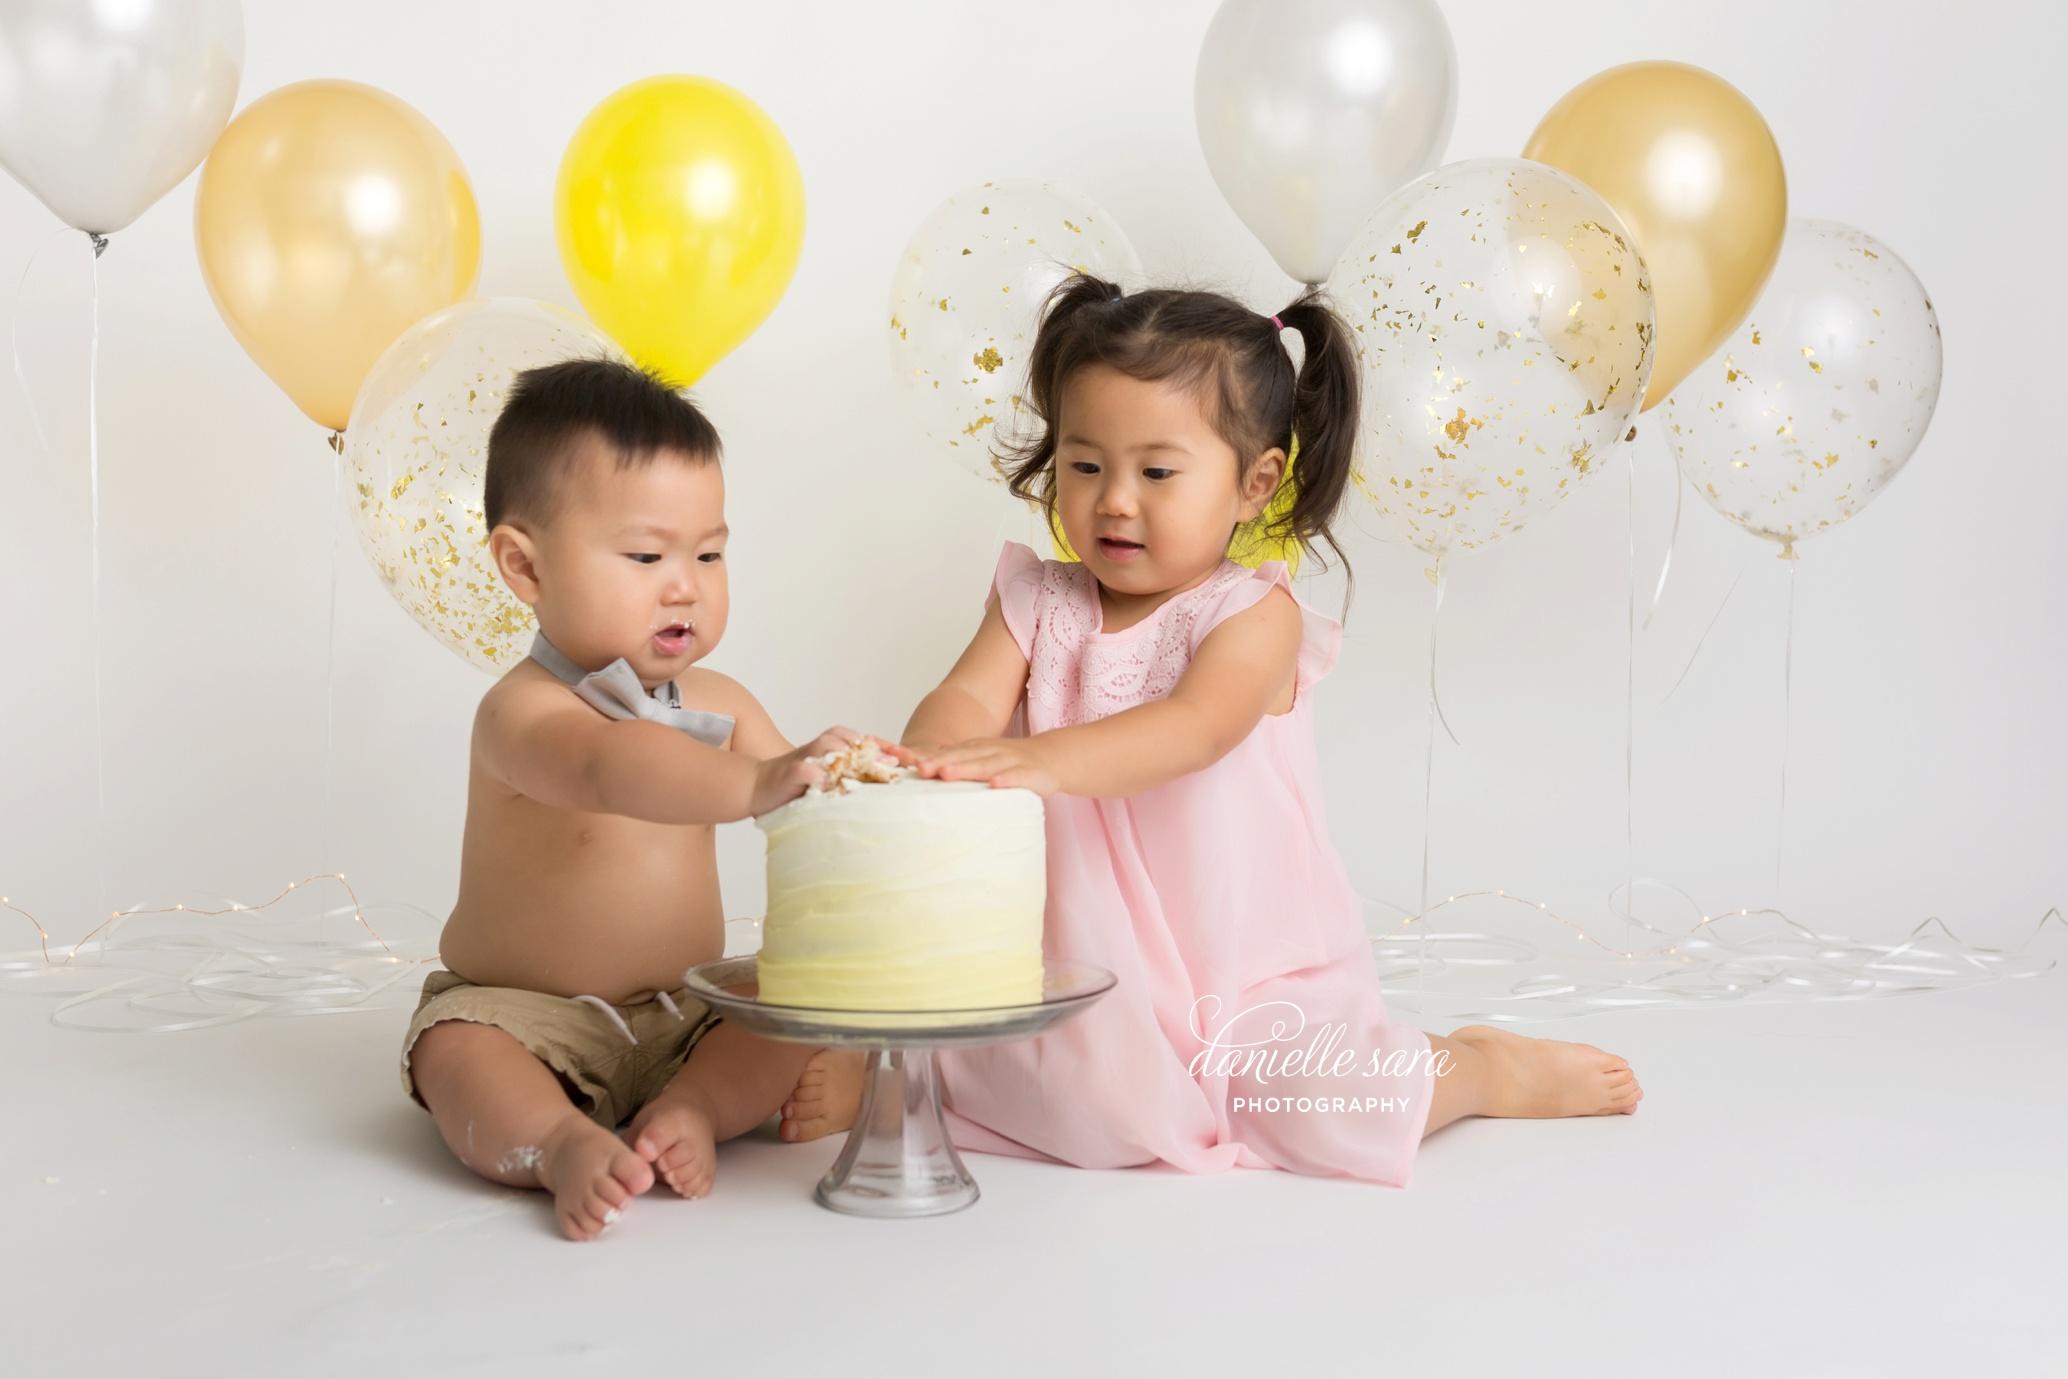 cakesmashphotographymaryland_0006.jpg